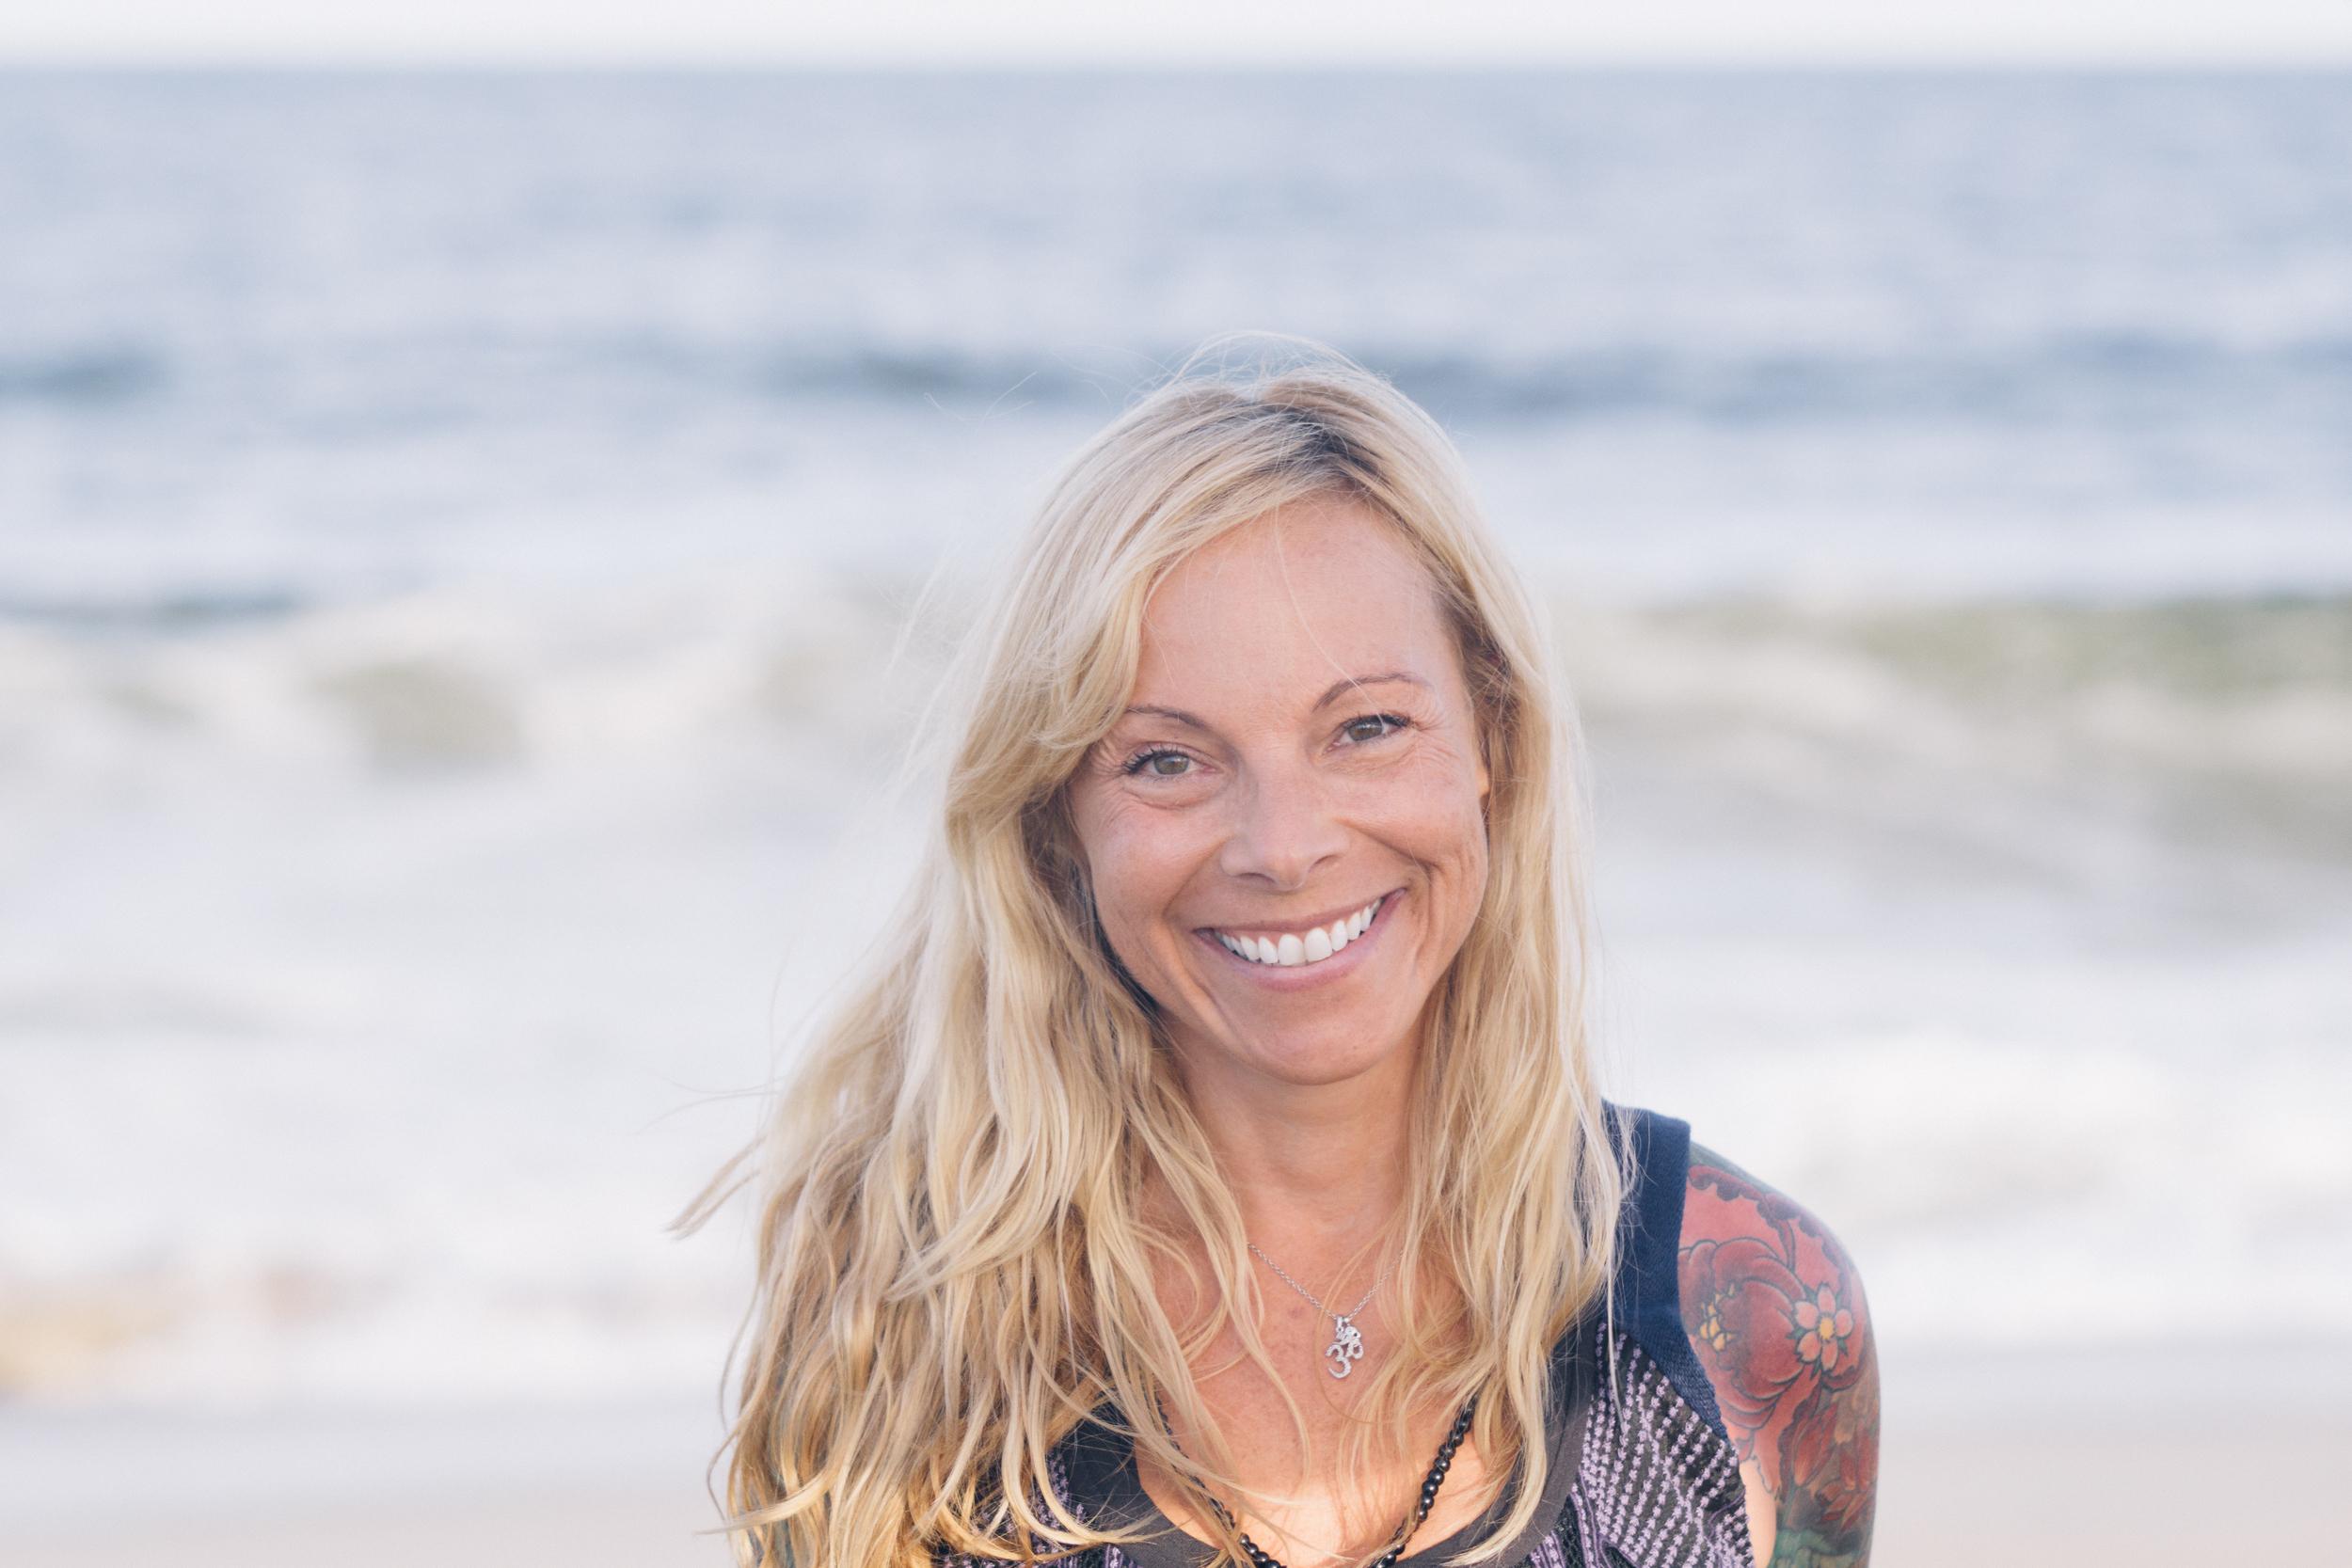 Vanessa Van Noy